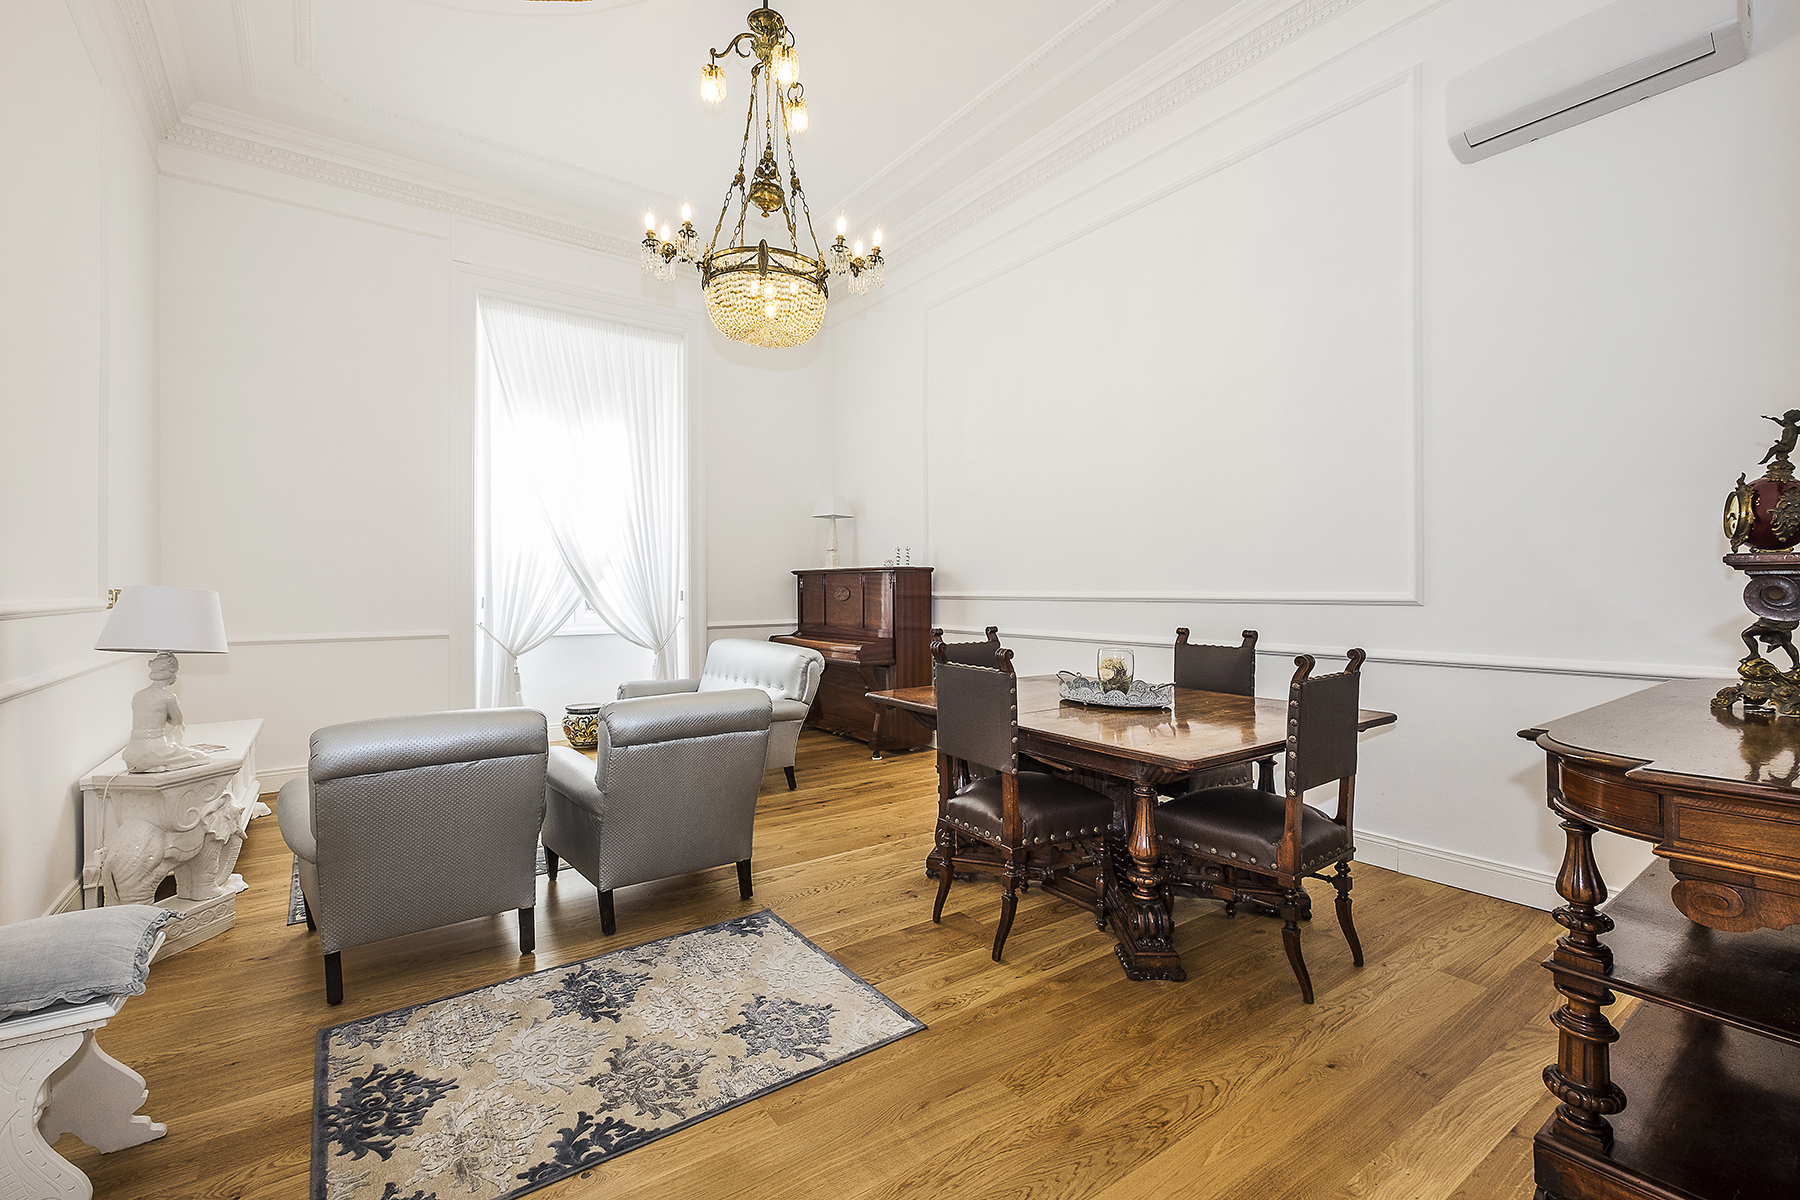 Appartamento di lusso in affitto a roma piazza dei quiriti for Affitto studio eur